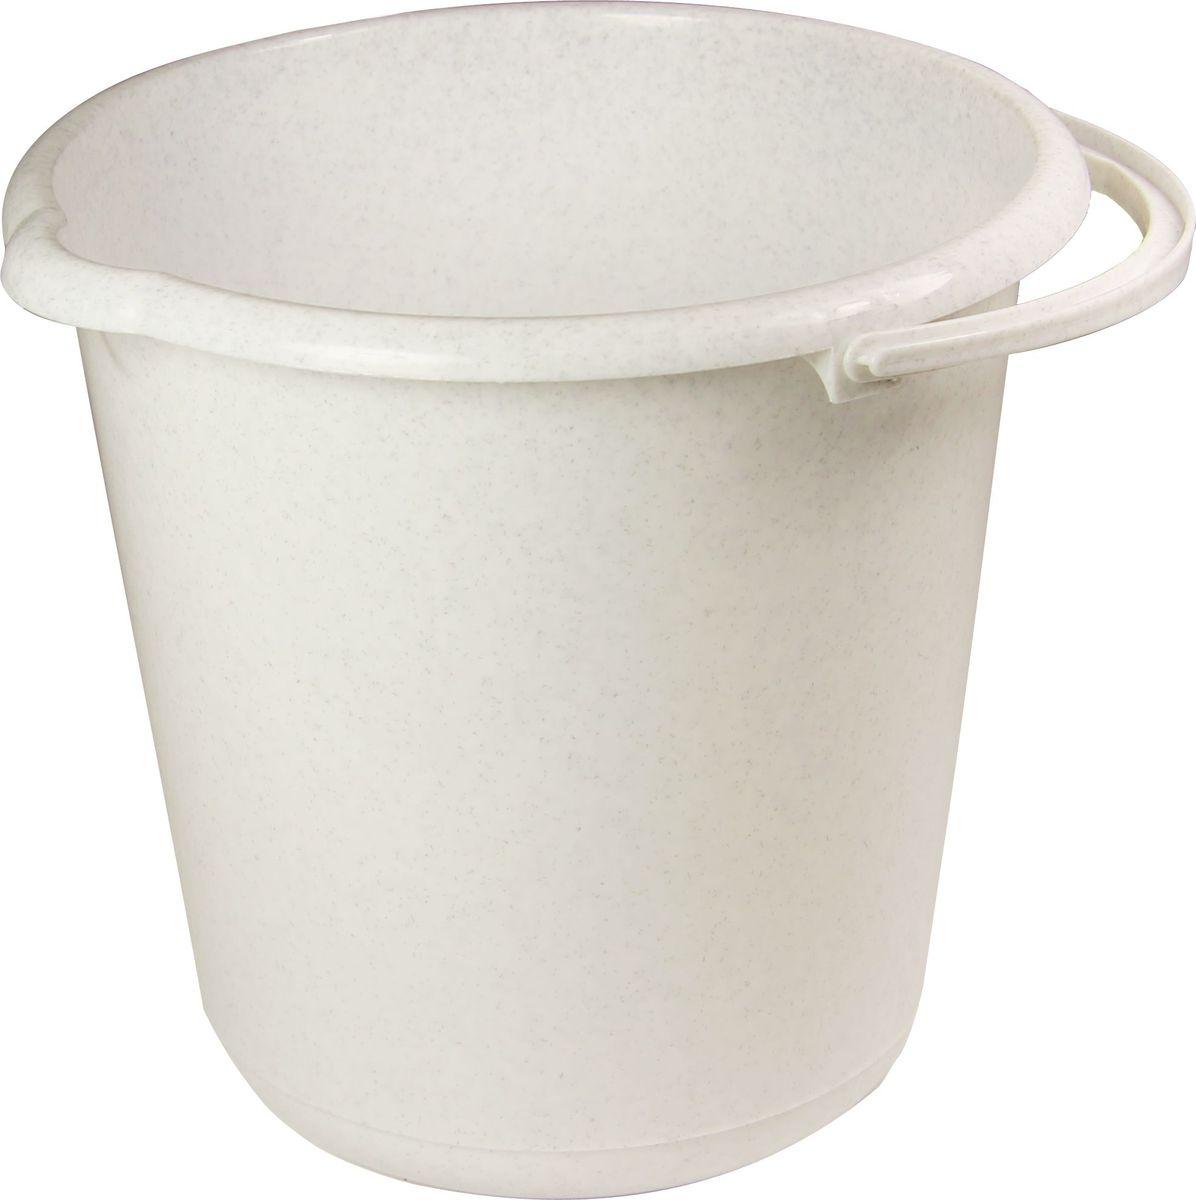 Ведро хозяйственное Idea, цвет: мраморный, 15 лМ 2431_мраморныйВедро Idea изготовлено из высококачественного прочного пластика. Оно легче железного и не подвержено коррозии. Ведро оснащено удобной пластиковой ручкой. Такое ведро станет незаменимымпомощником в хозяйстве.Диаметр (по верхнему краю): 33 см.Высота: 31 см.